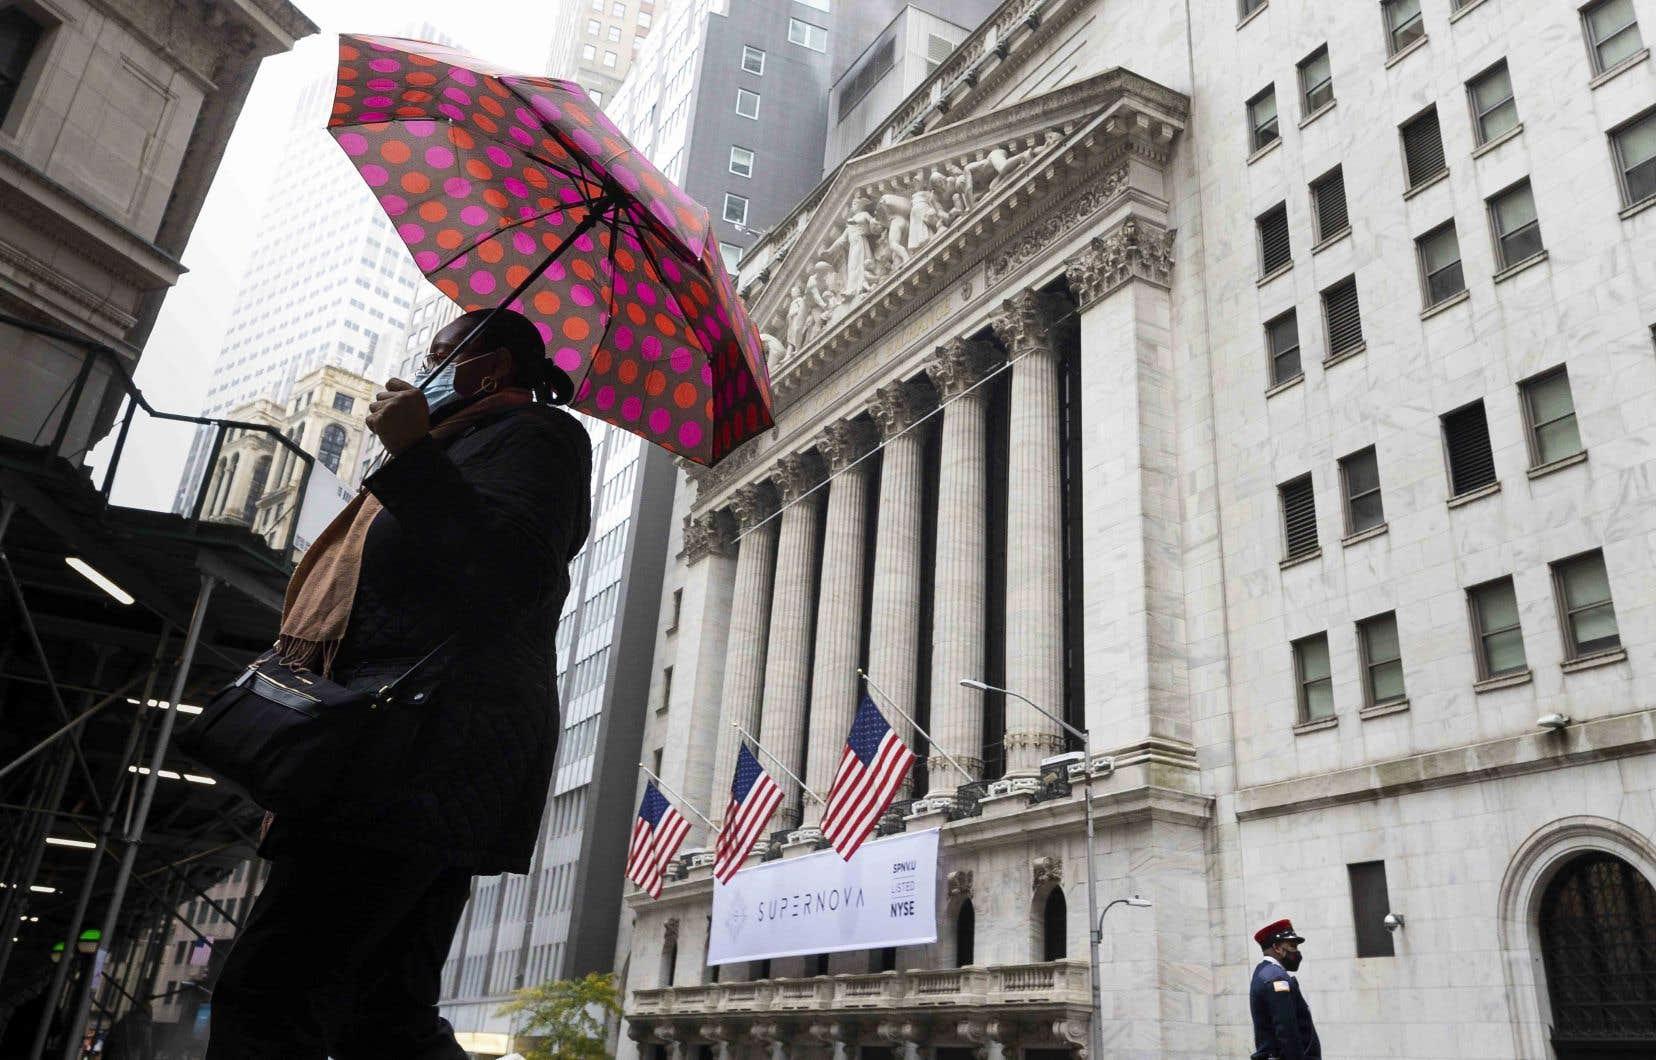 L'indice de volatilité des marchés boursiers, aussi surnommé «l'indice de la peur» parce qu'il reflète la nervosité des investisseurs, est l'un des seuls à avoir augmenté à Wall Street, lundi.